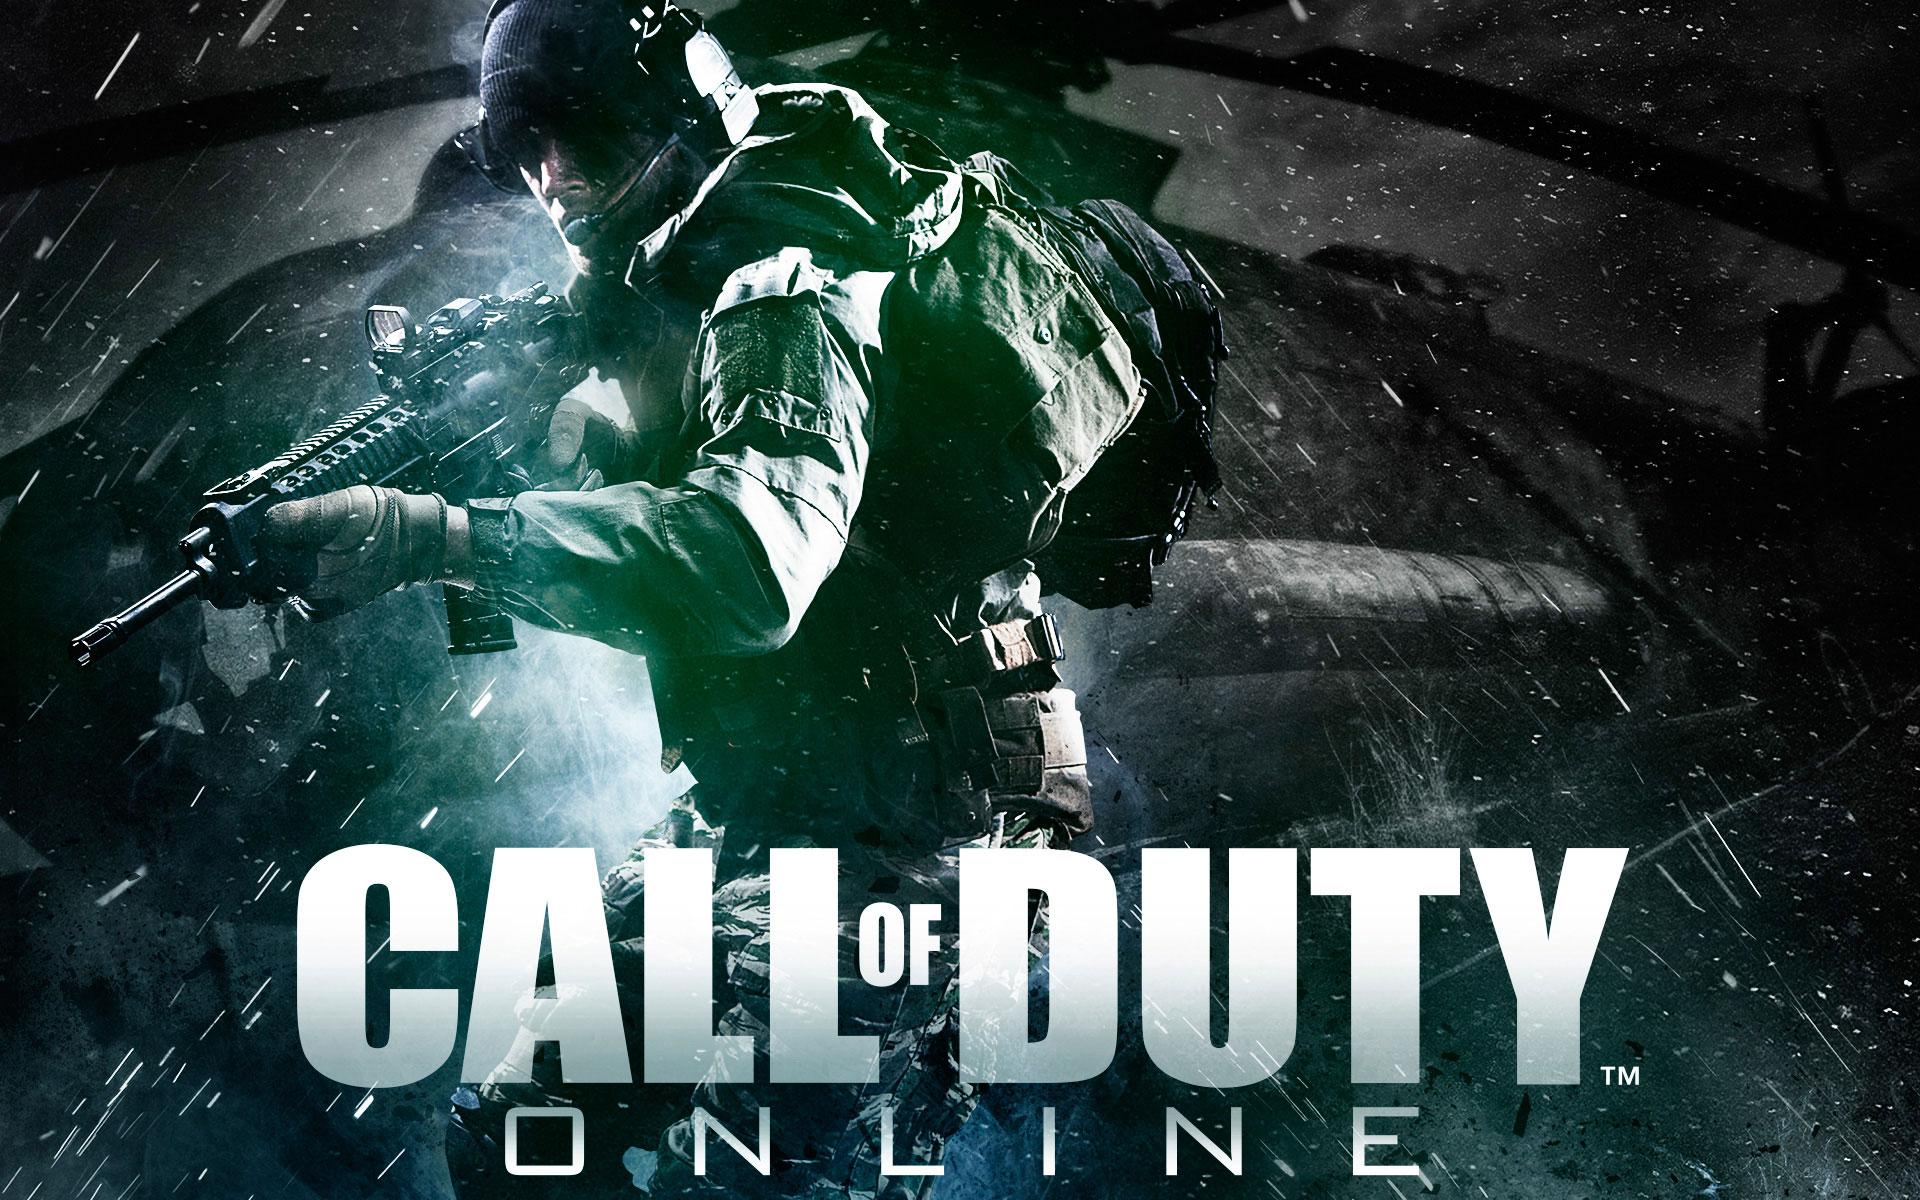 call of duty online现代战争即为使命召唤OL,这款游戏登陆的时候,那一股风潮让人招架不住。今天,小编就为大家带来使命召唤OL游戏壁纸,相信喜欢这款游戏的玩家会喜欢的。